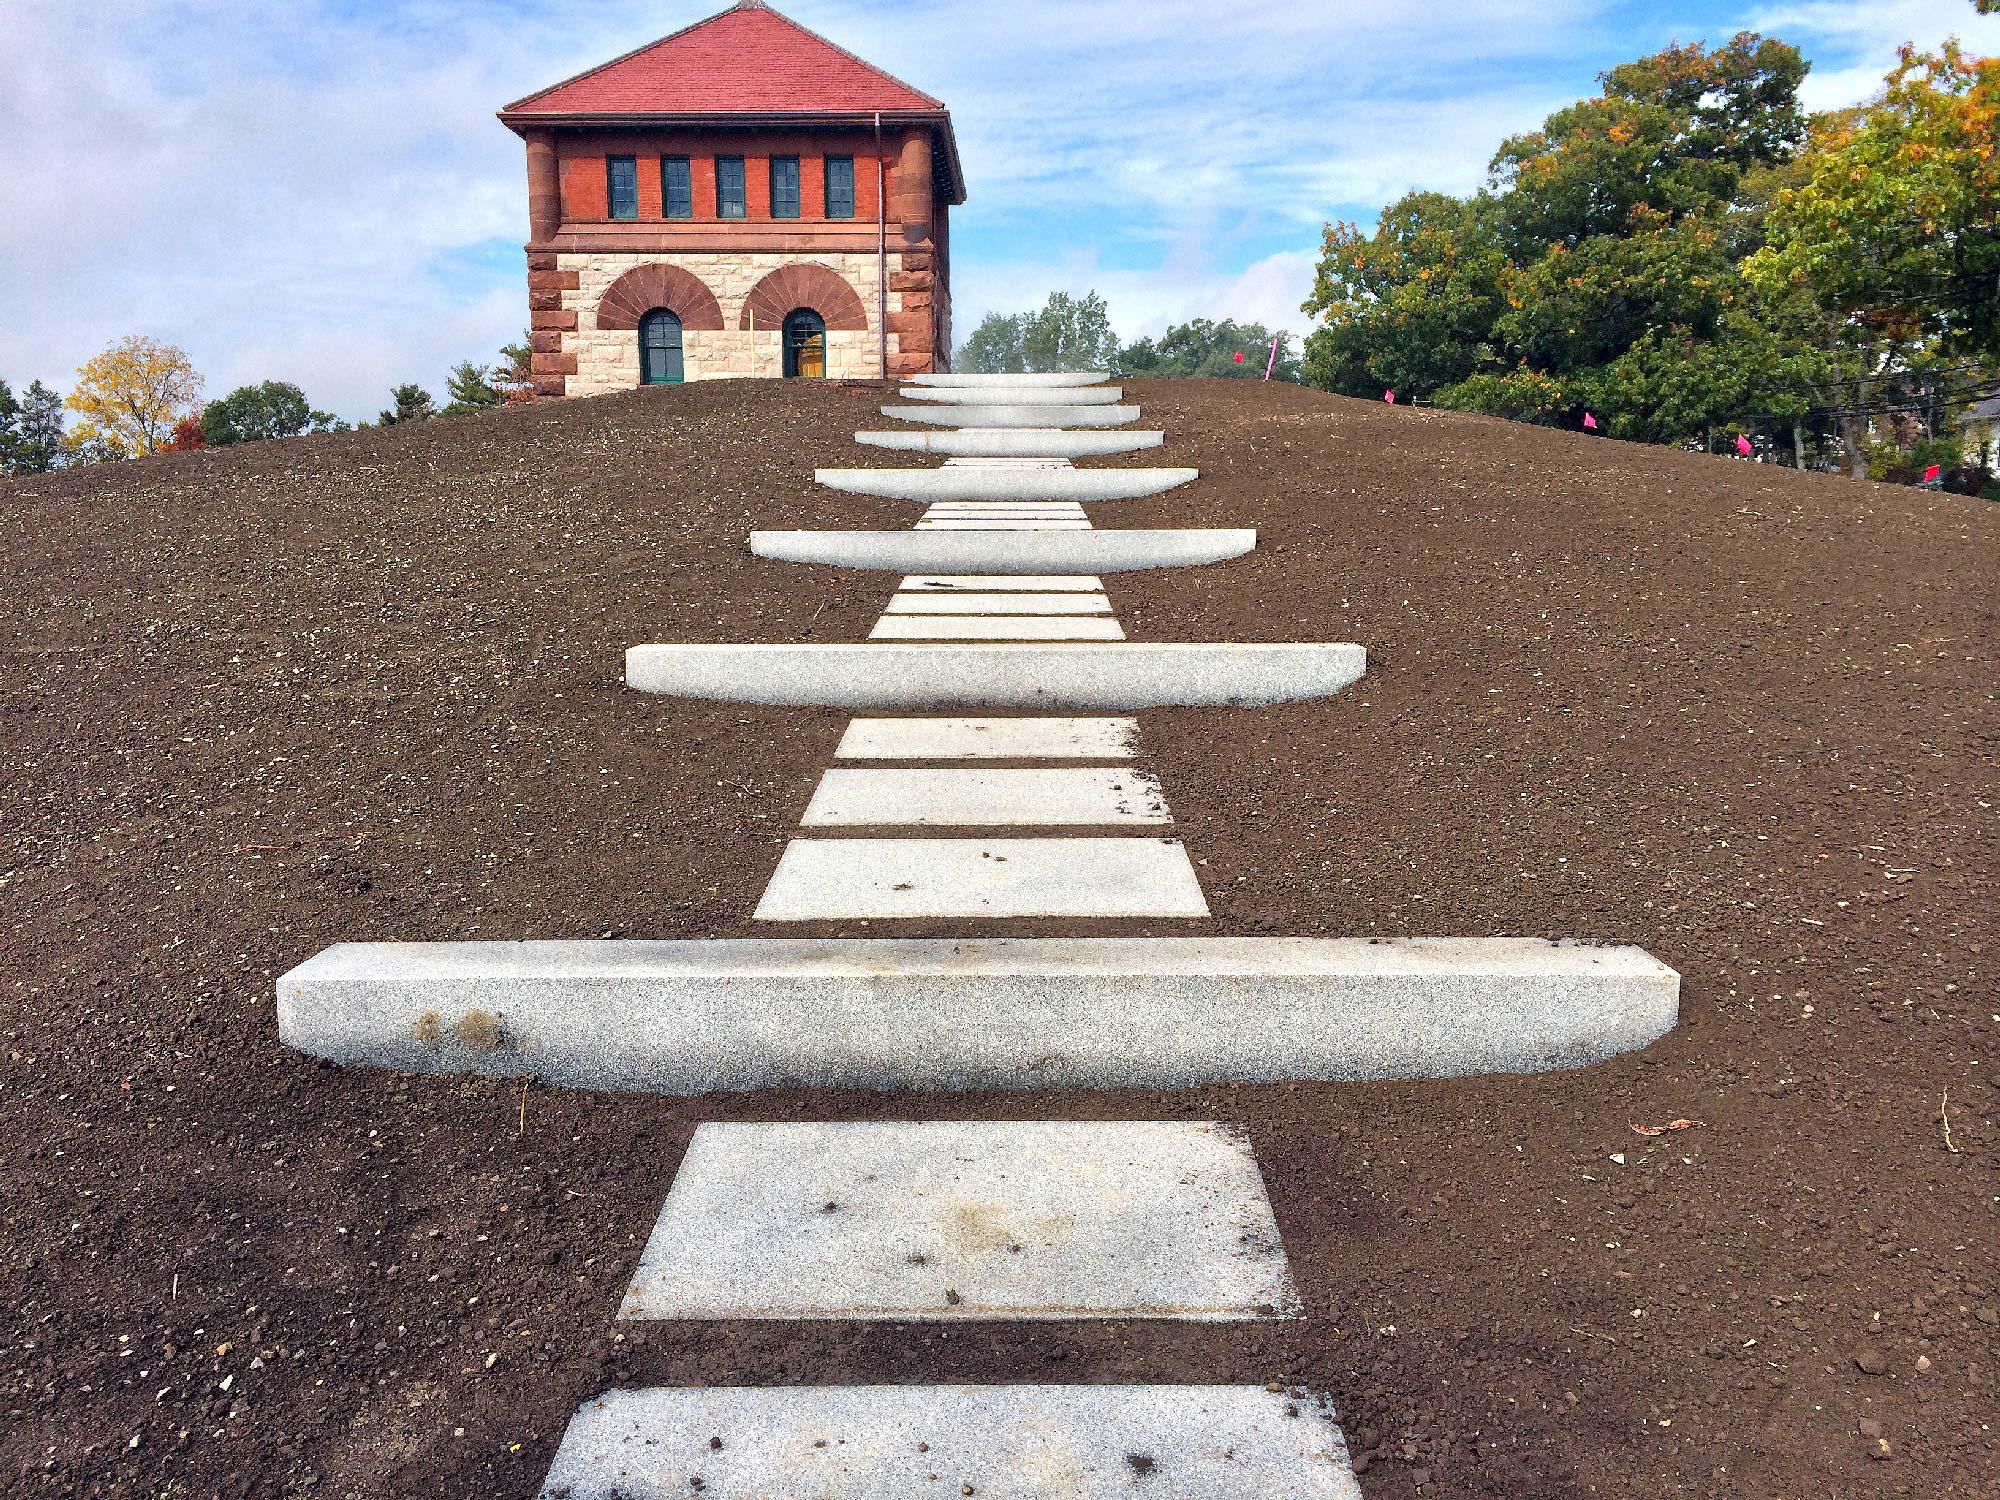 klopfer-martin-design-group-fisher-hill-reservior-park-04.jpg